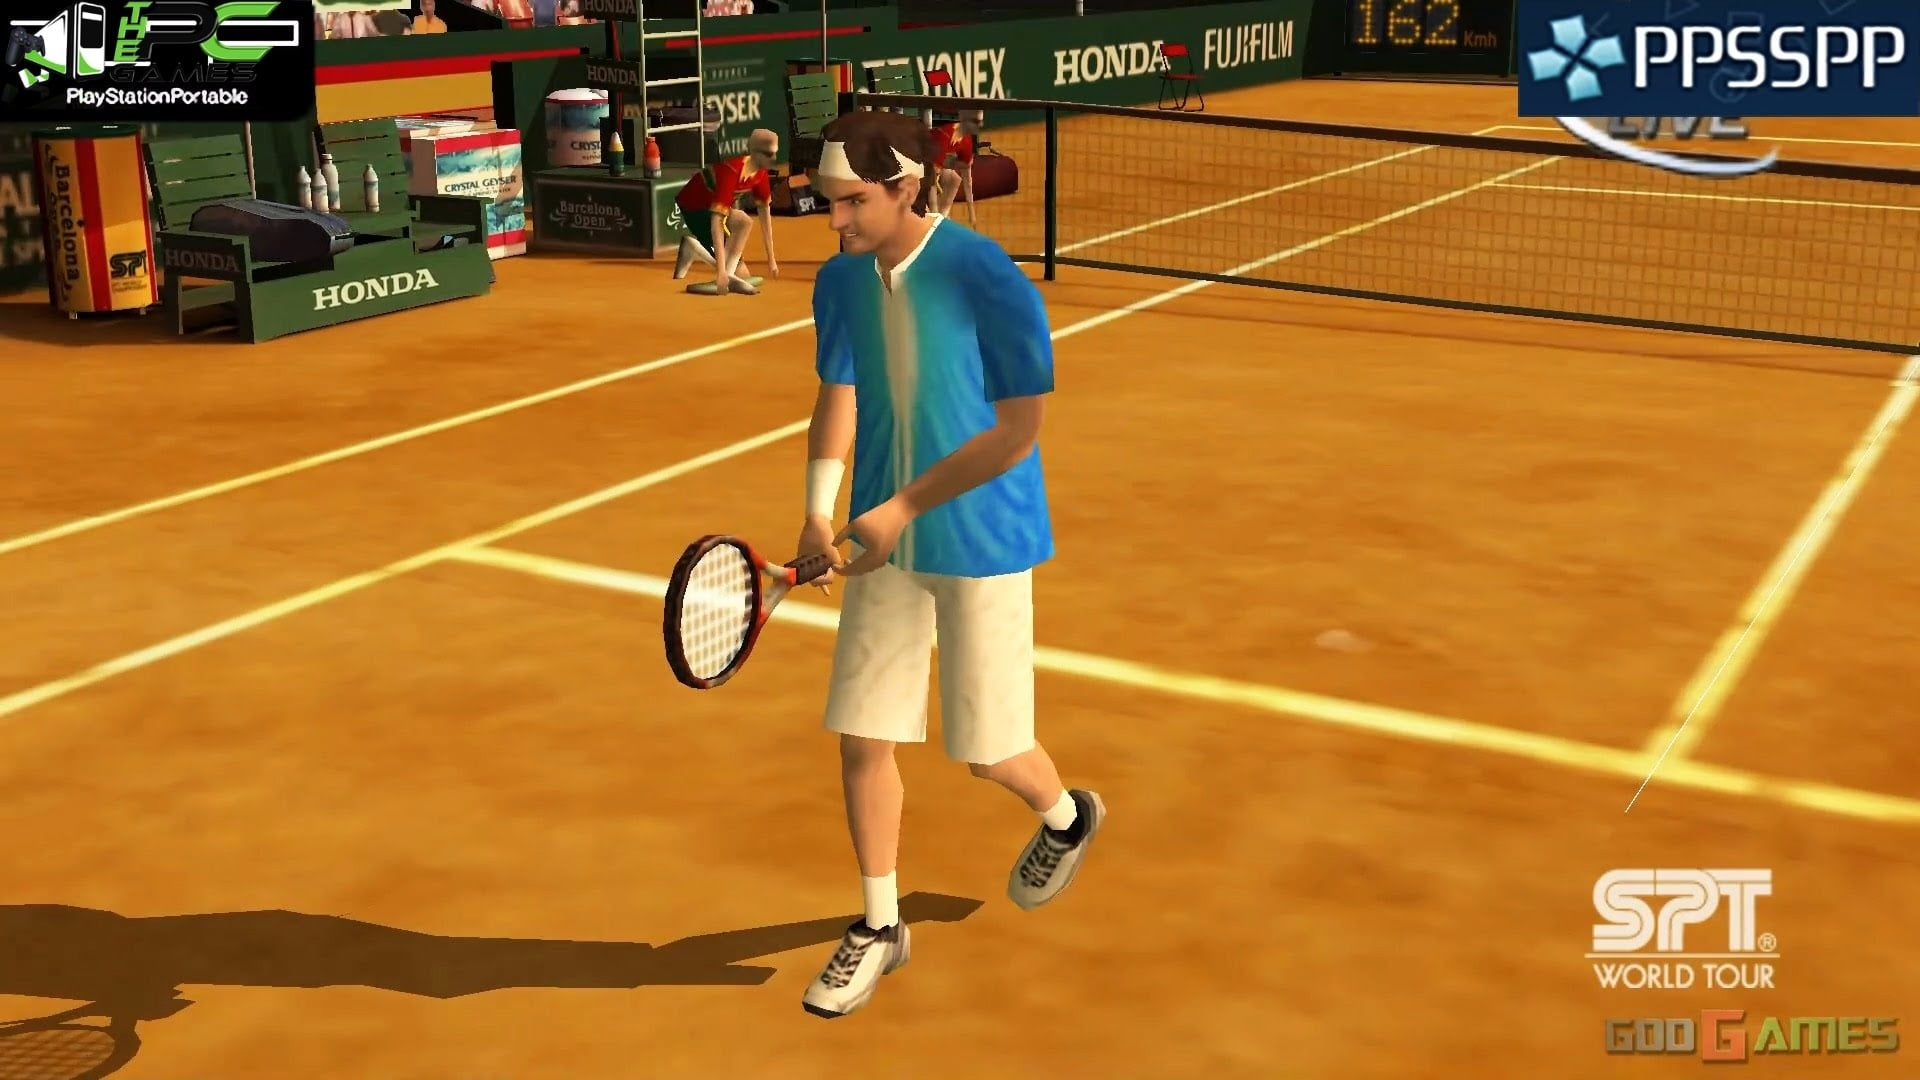 Скачать бесплатно игру теннис на компьютер 2017